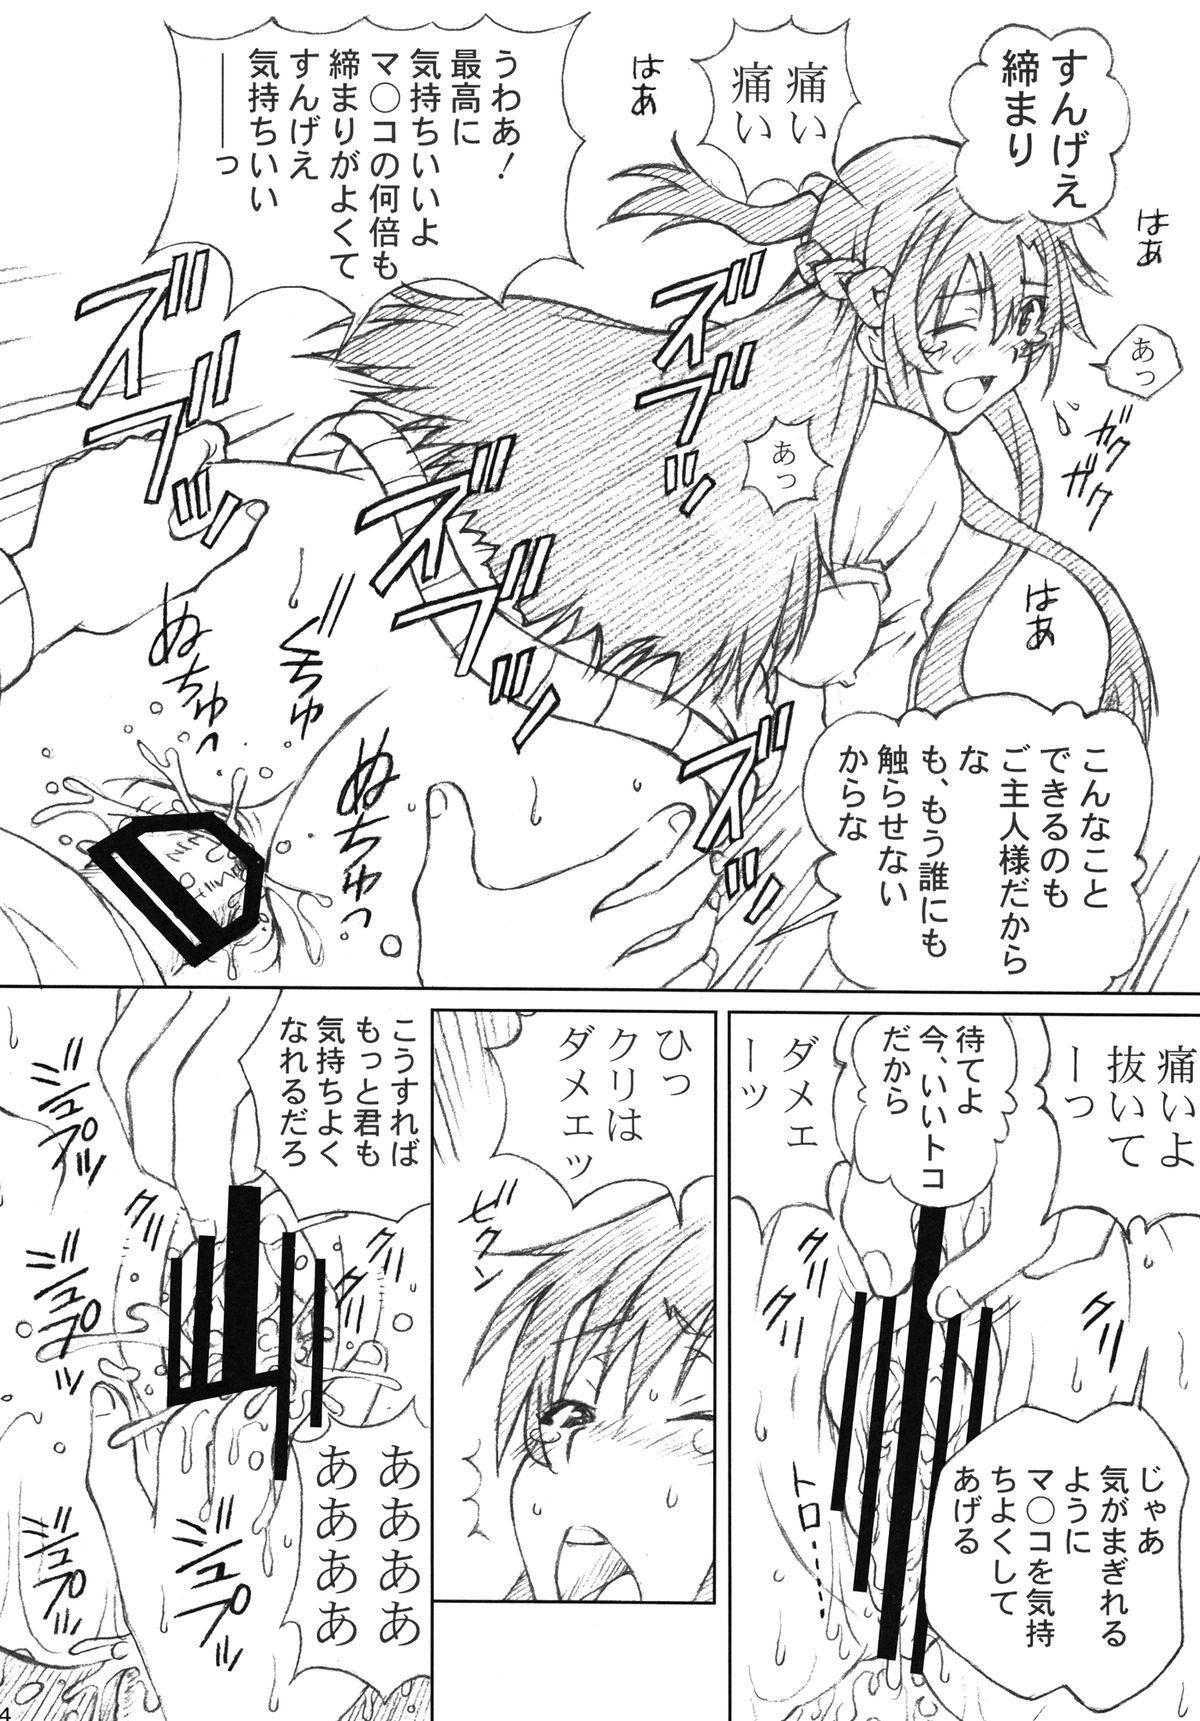 Asuna to Kirito no Icha Love Teki Shinkon Seikatsu 23